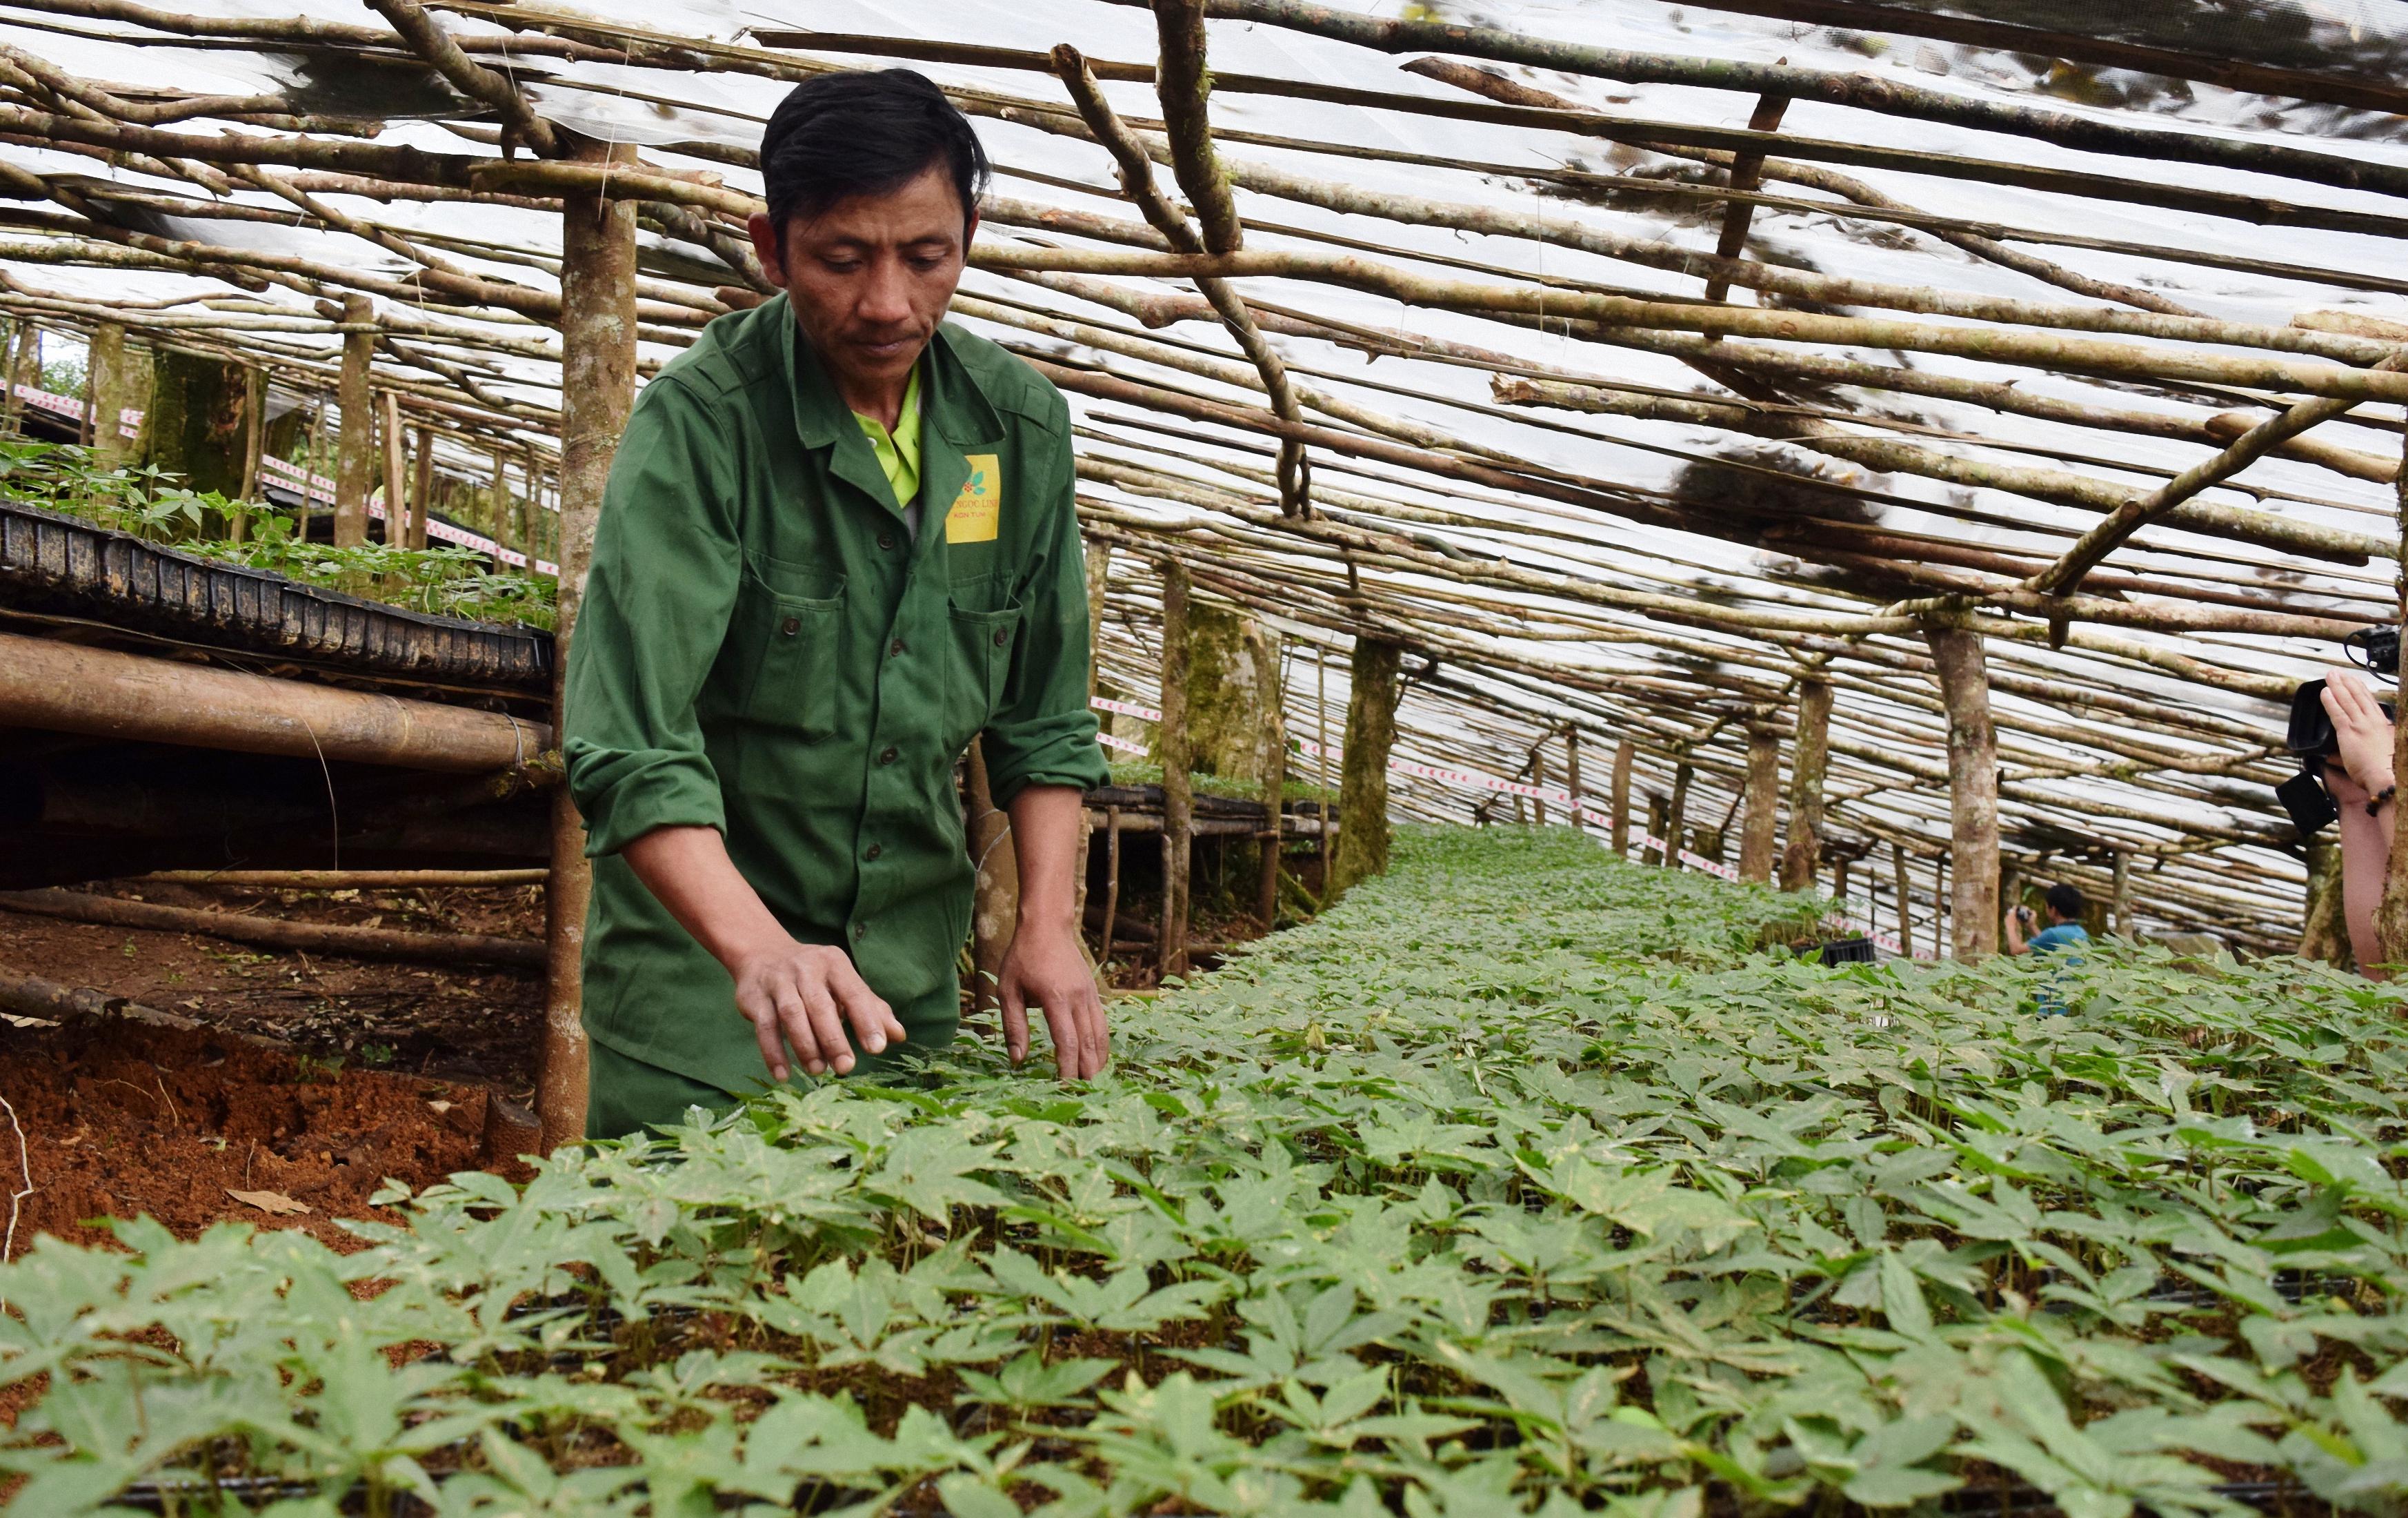 Công nhân chăm sóc vườn sâm giống của Công ty Cổ phần sâm Ngọc Linh Kon Tum tại huyện Tu Mơ Rông. Ảnh: VGP/Bạch Dương